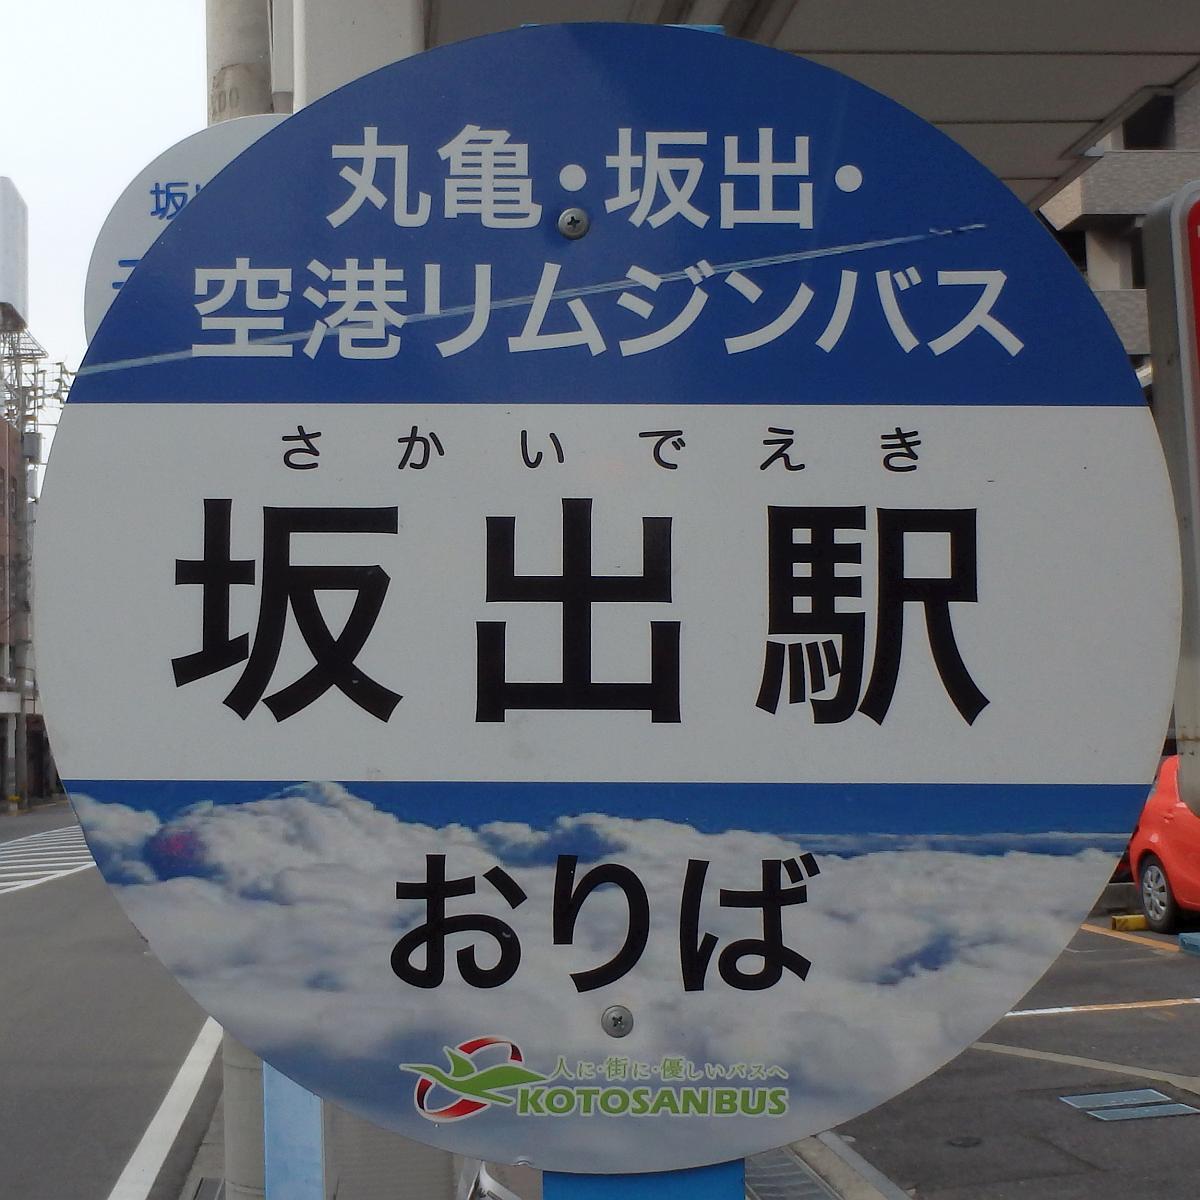 坂出駅バス停